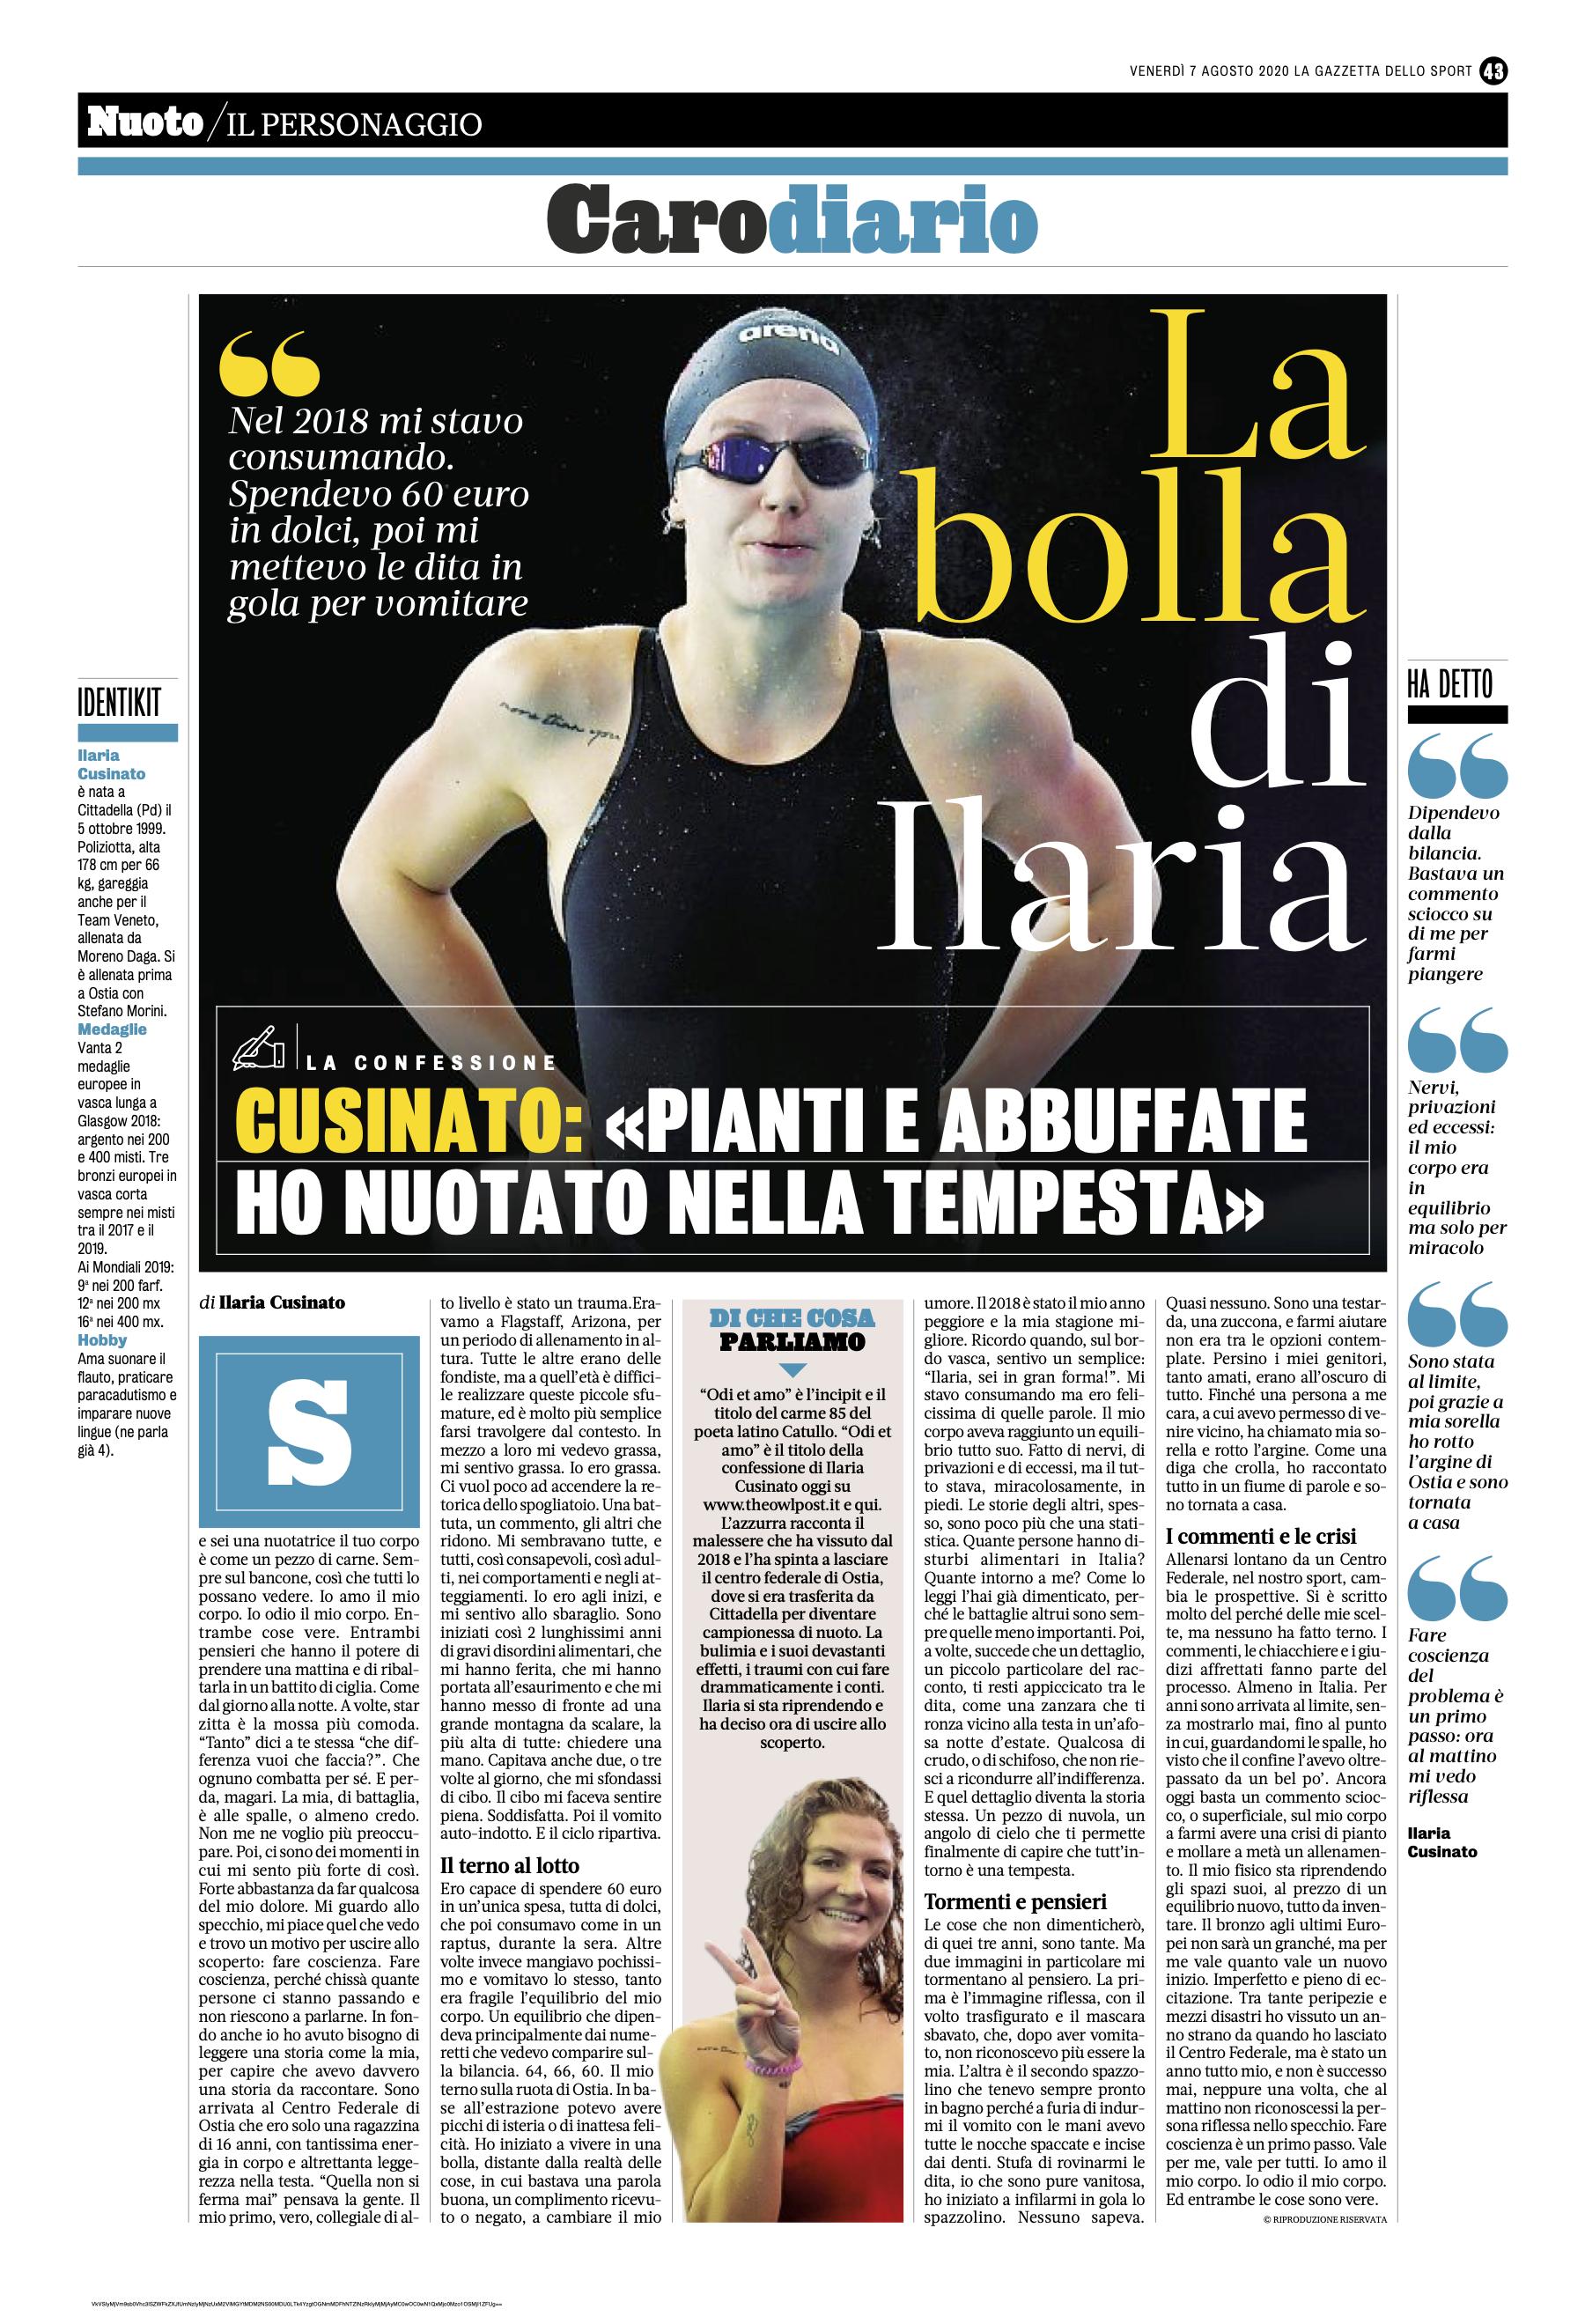 Ilaria Cusinato si confessa a The Owl Post